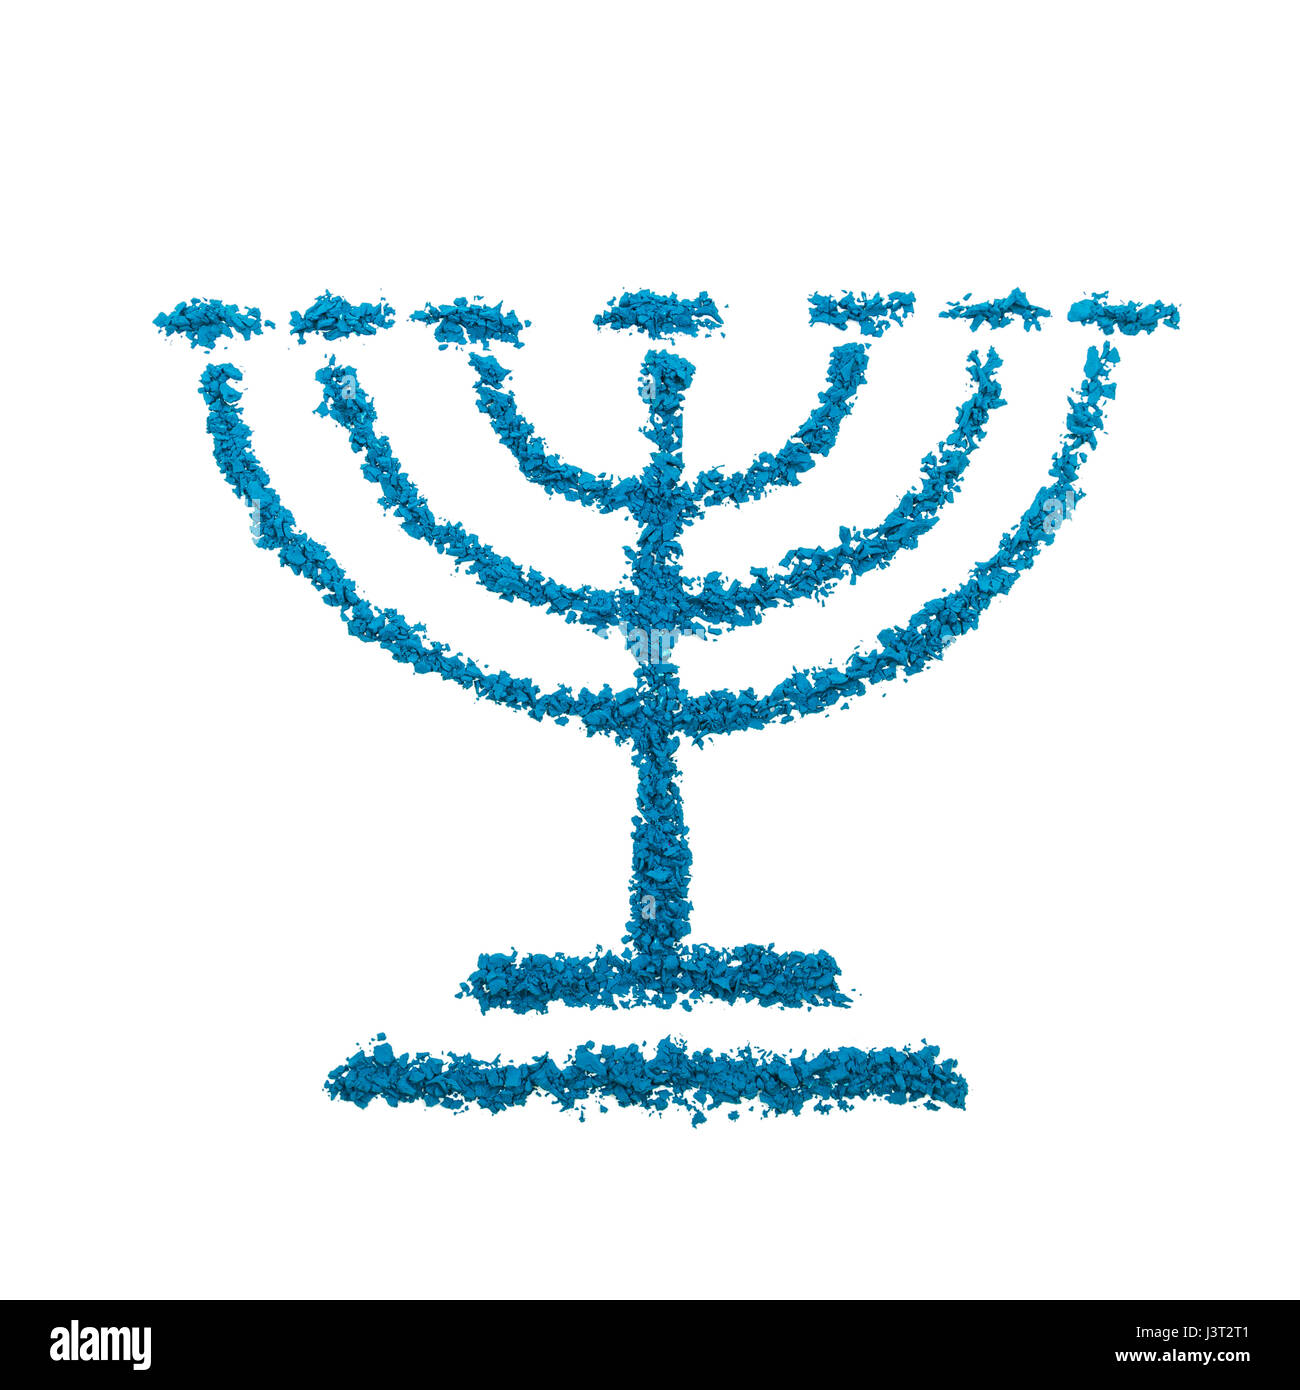 Hanukkah Menorah Jewish Stock Photos Hanukkah Menorah Jewish Stock